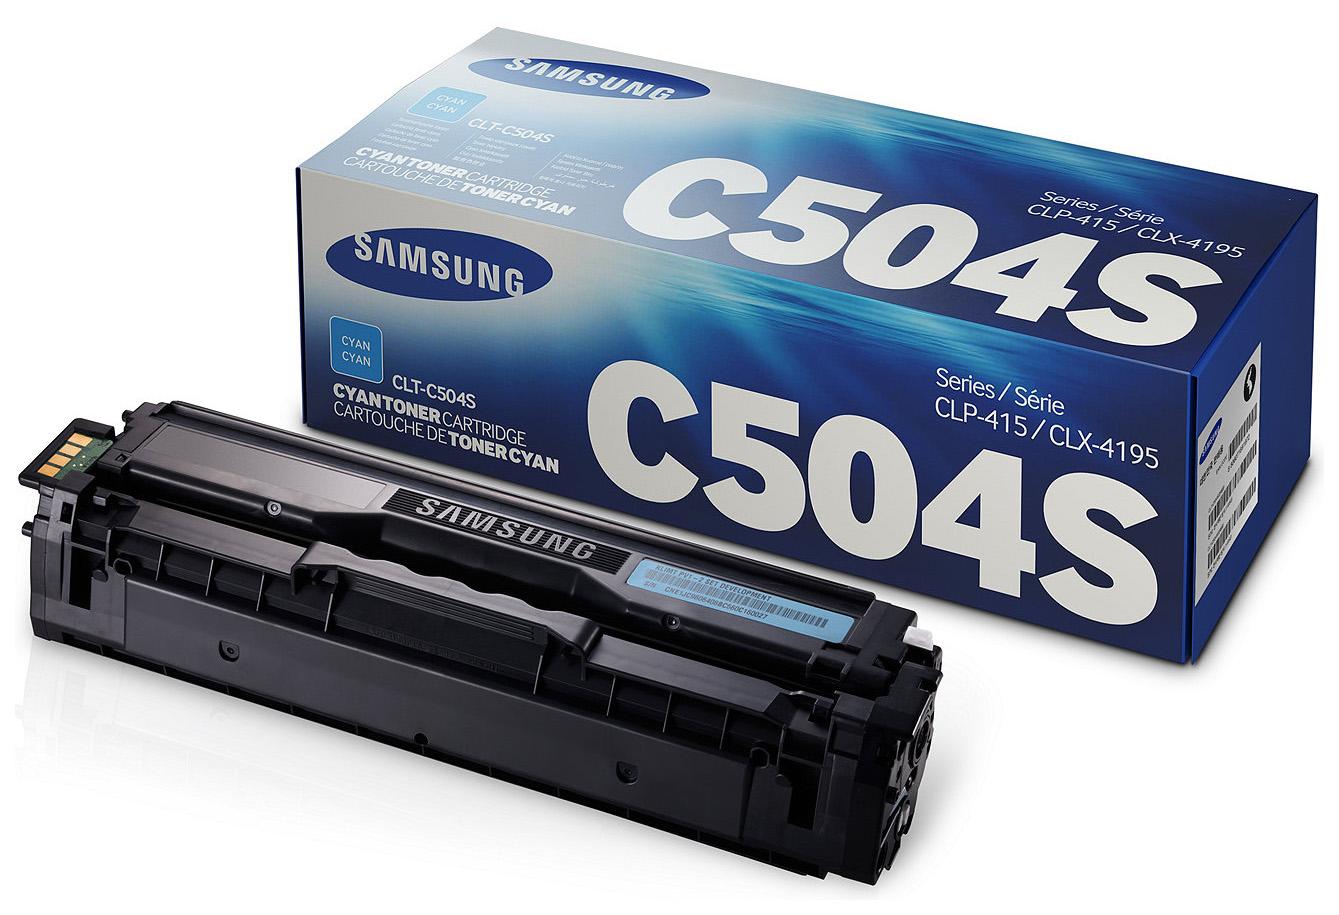 Картридж для лазерного принтера Samsung CLT-C504S, голубой, оригинал CLT-C504S по цене 6 550